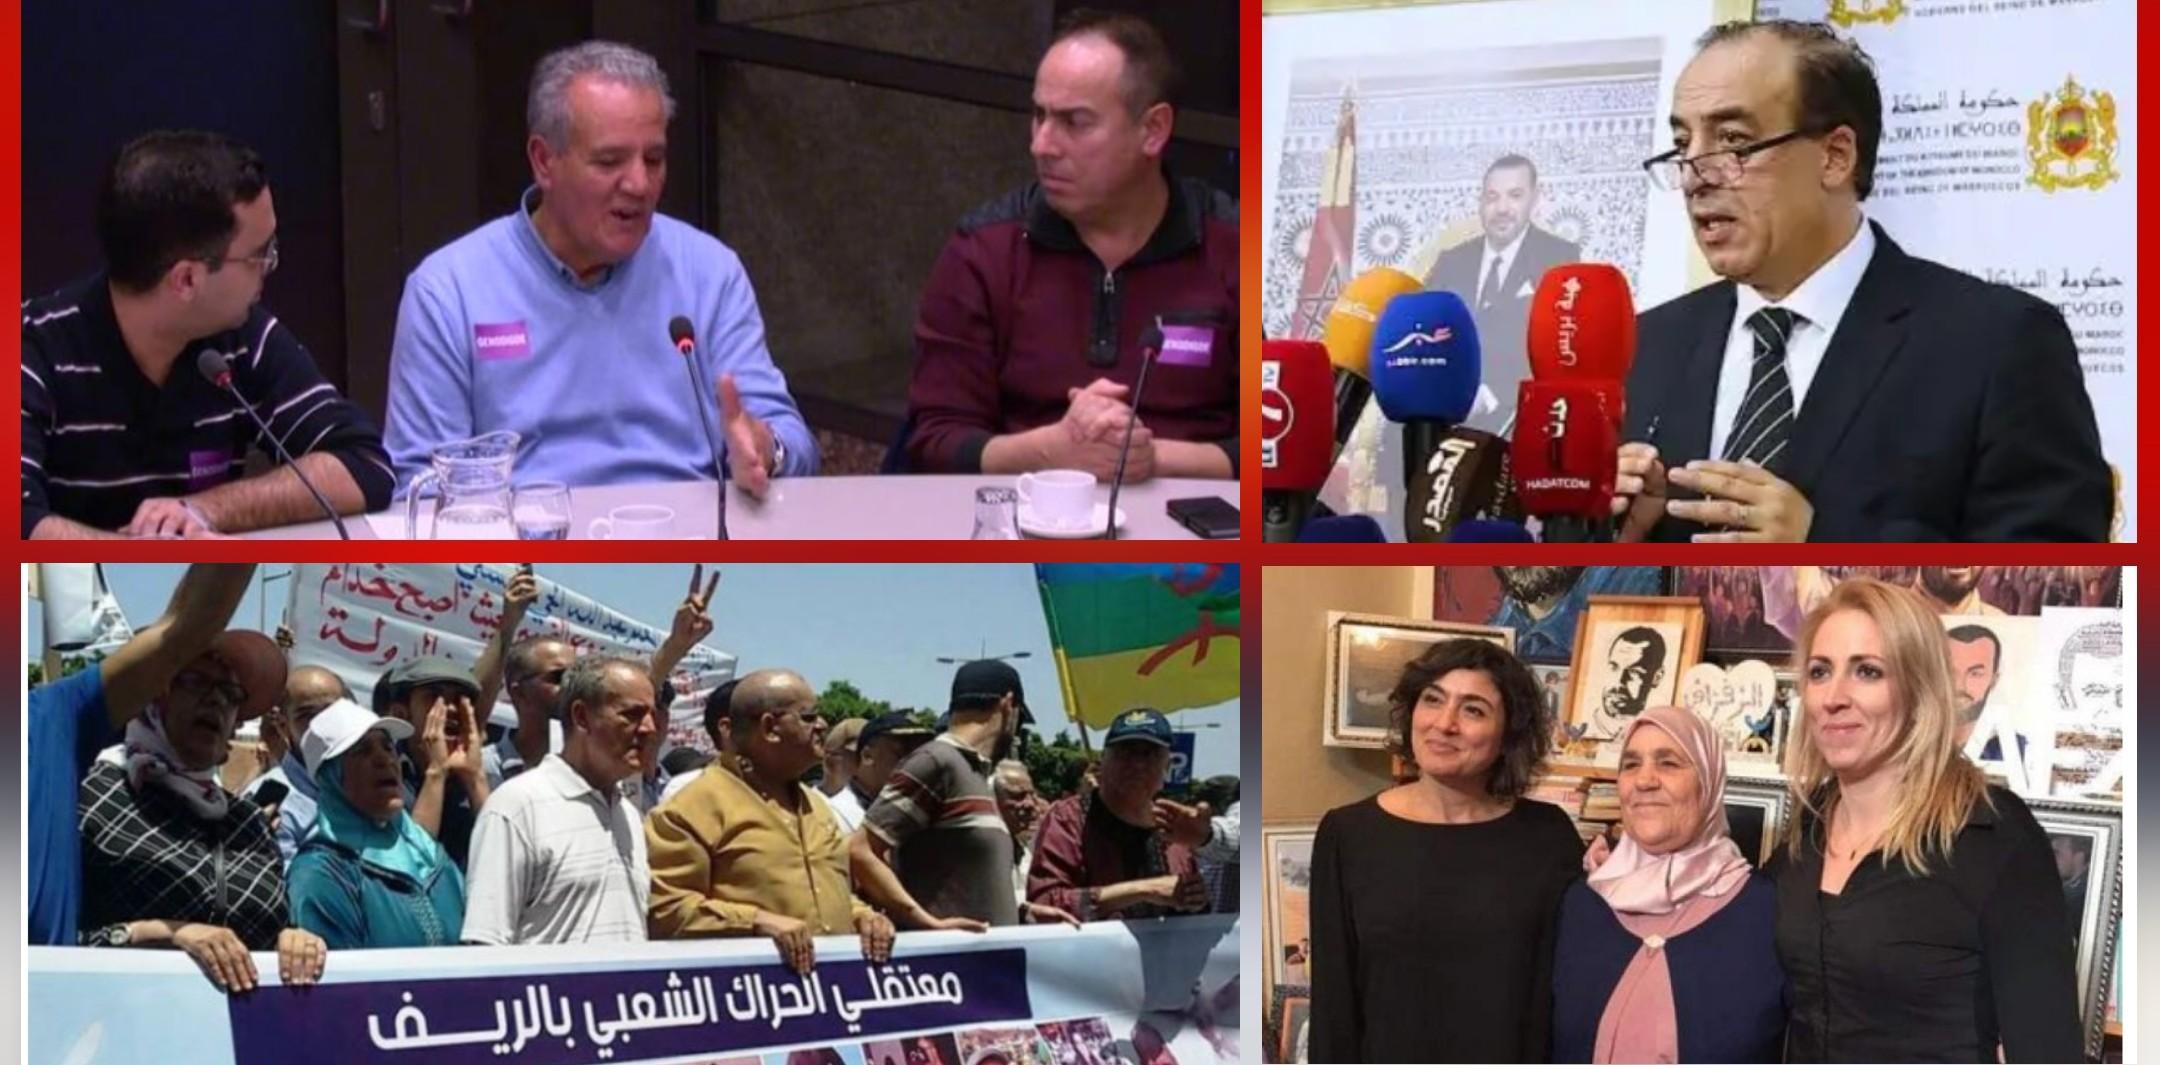 """المغرب """"يرفض بشدة"""" تدخل هولندا في شأنه الداخلي بسبب تقرير أعده برلمانها حول """"حراك الريف"""".."""